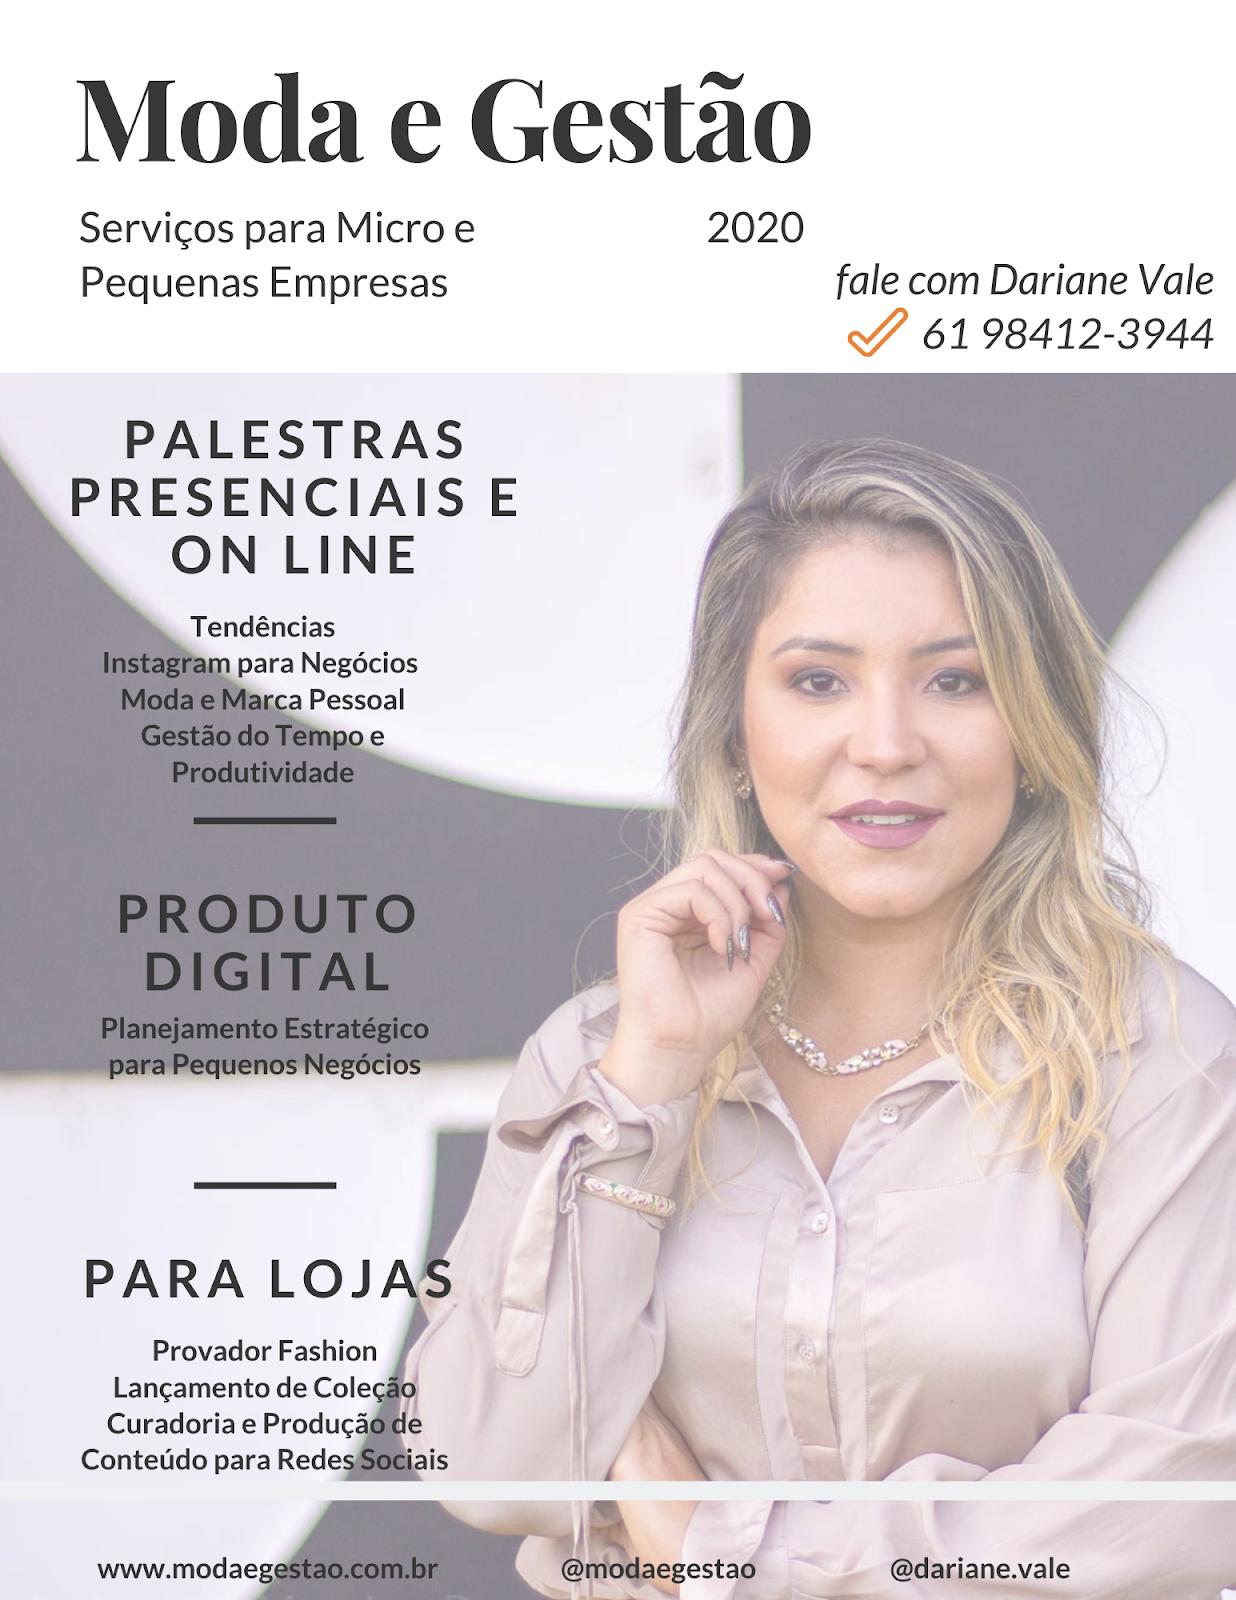 Serviços Moda e Gestão 2020